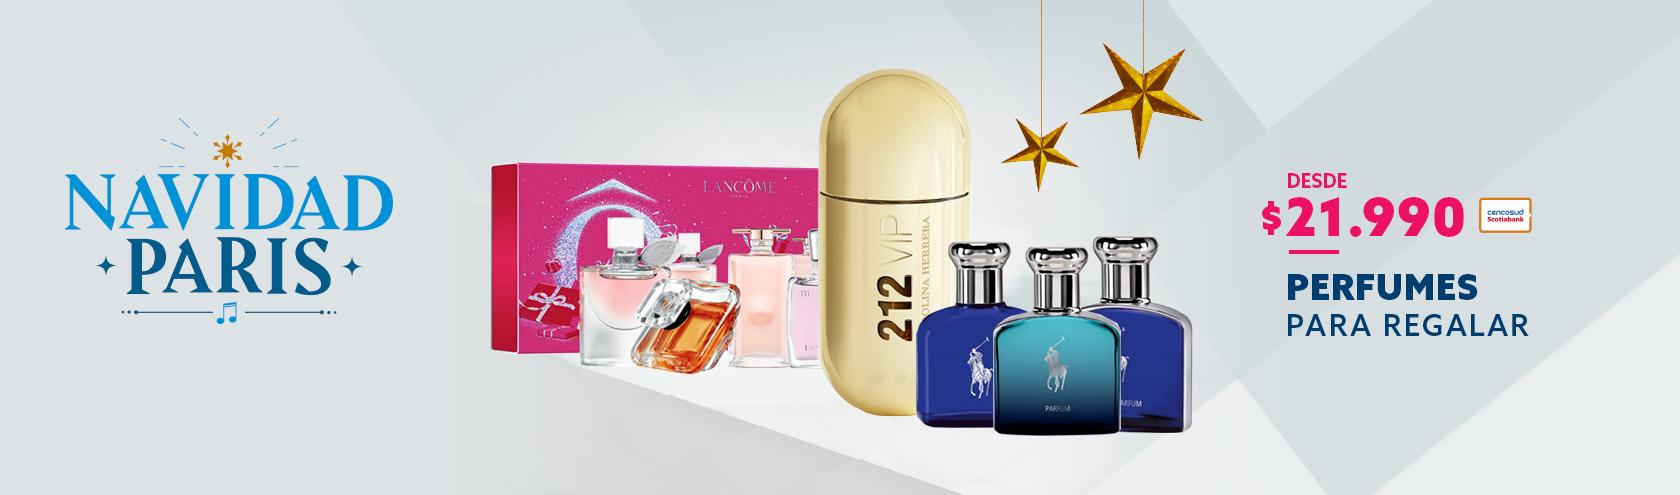 Desde 21990 con tarjeta cencosud en perfumes